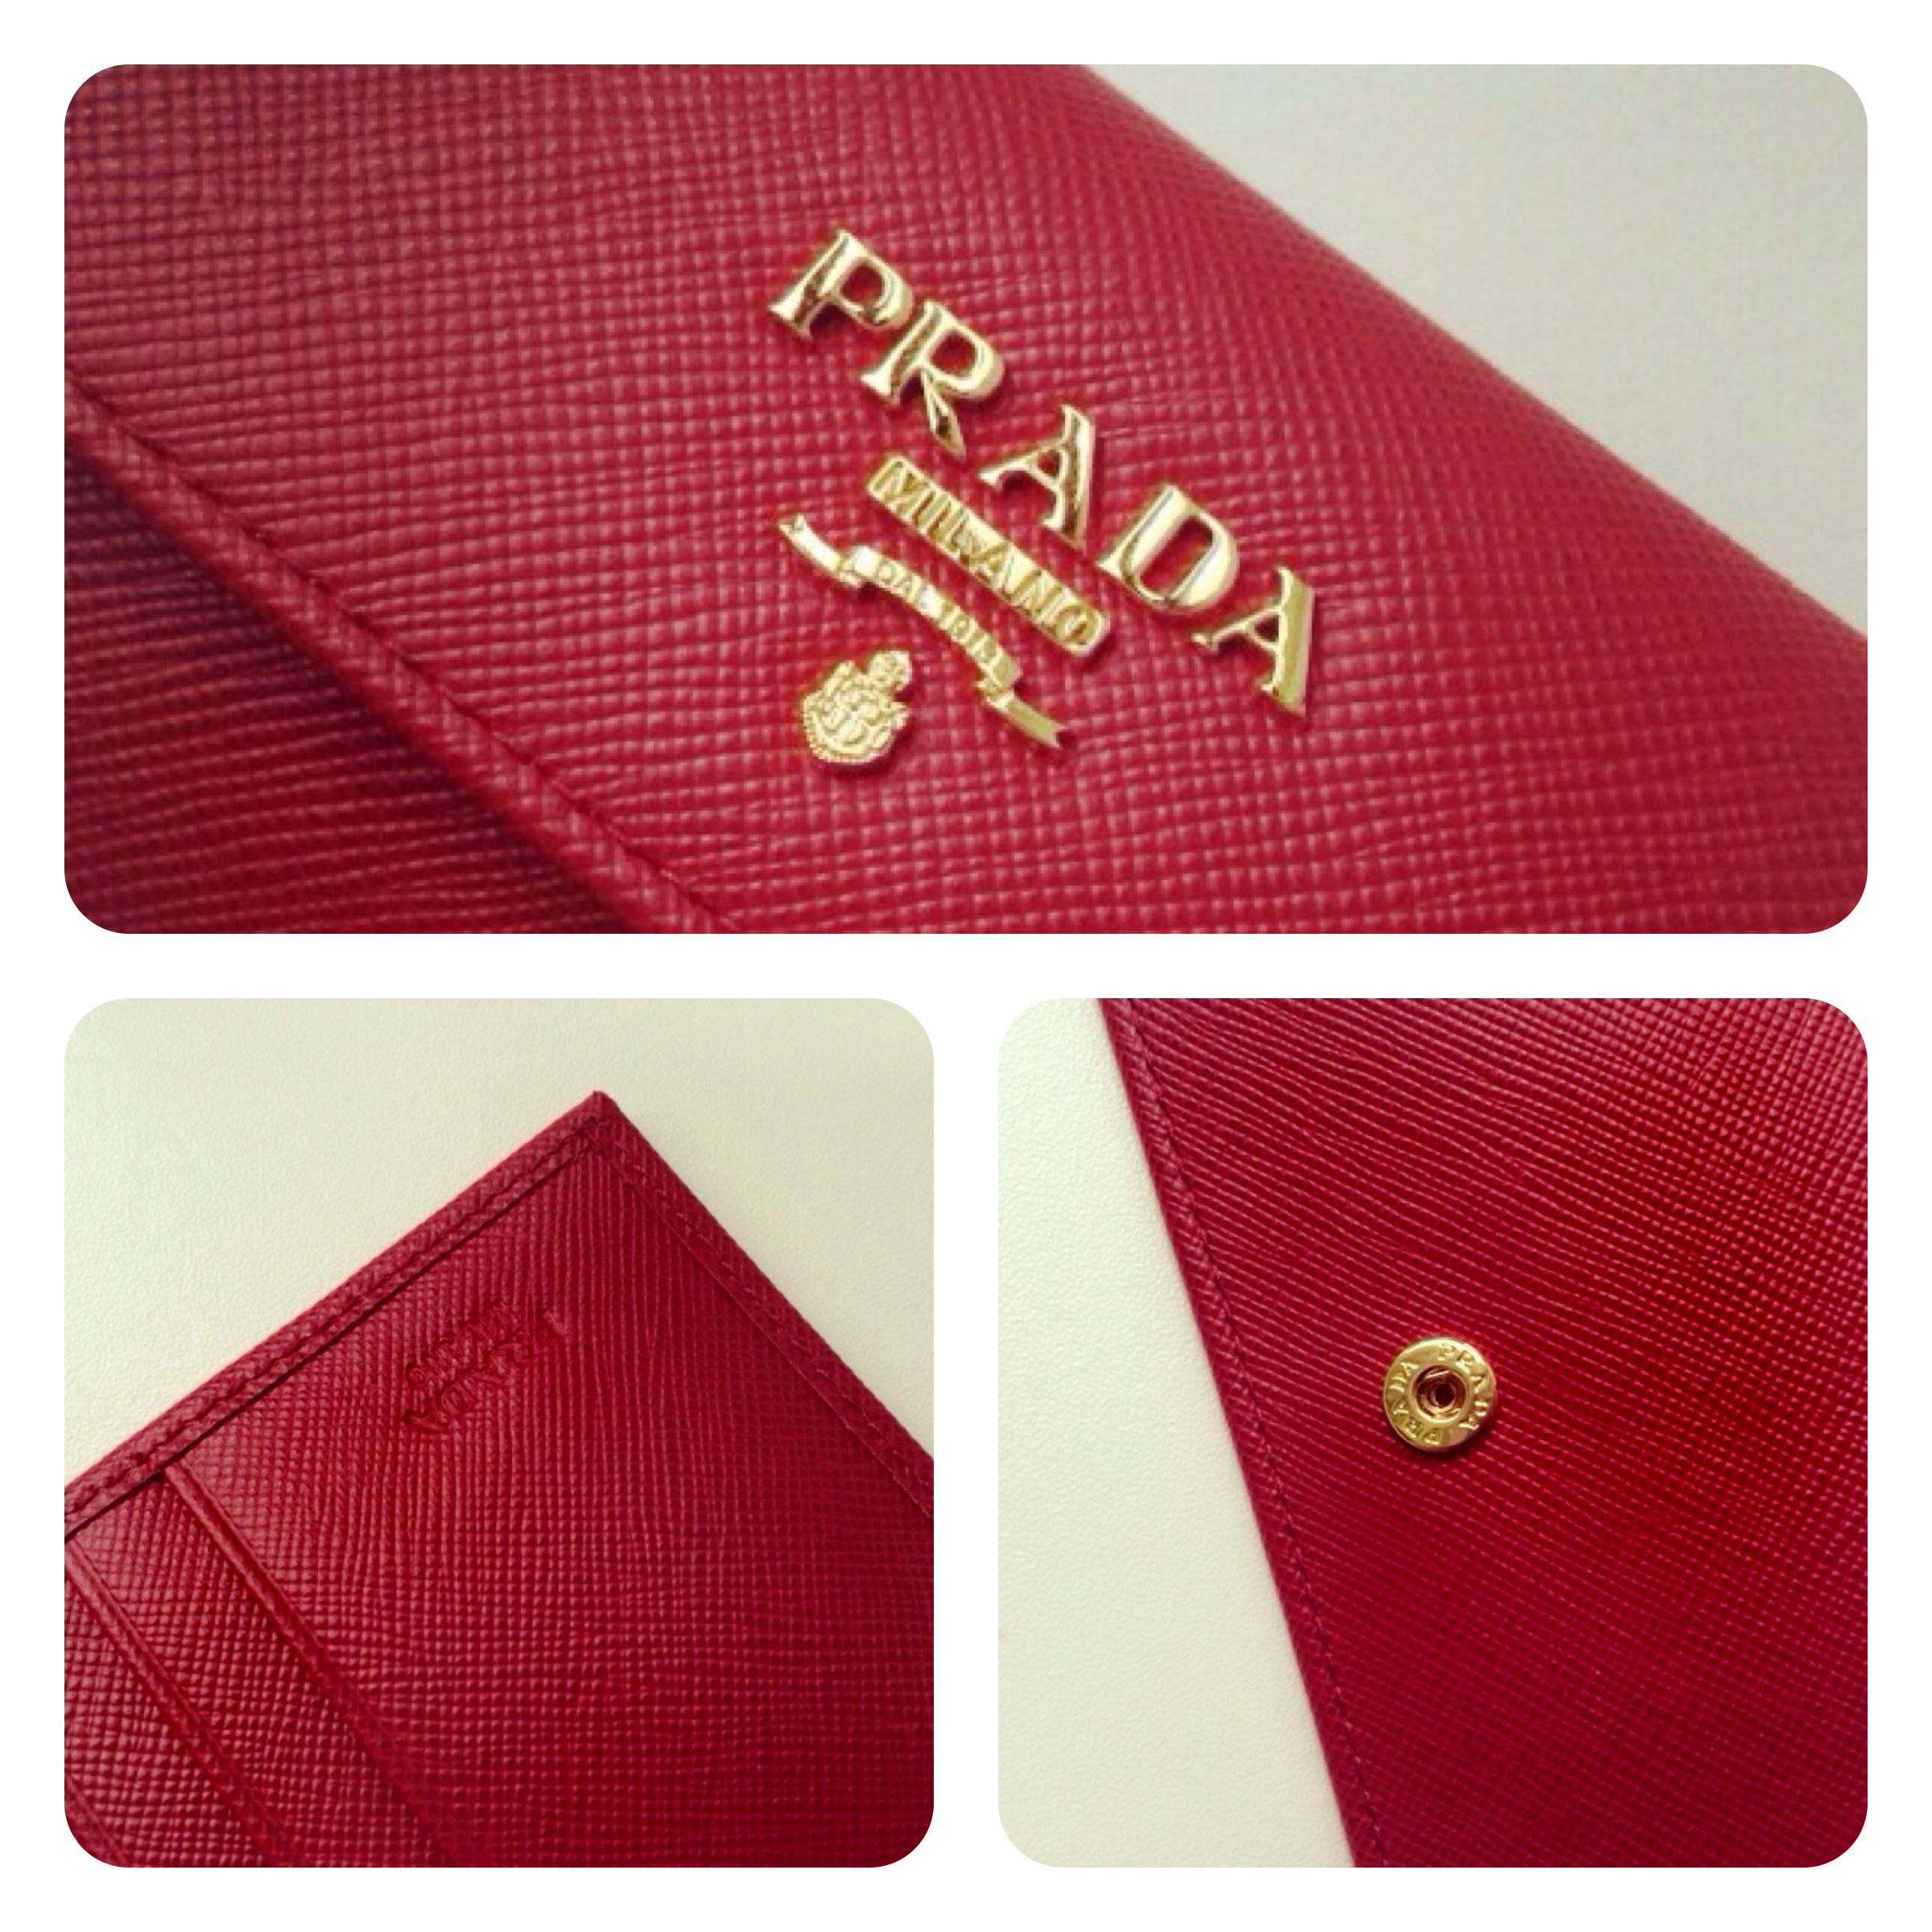 eed4ada234aa ... PRADA Saffiano Fuoco Bi-Fold Flap Wallet - Thumbnail 4